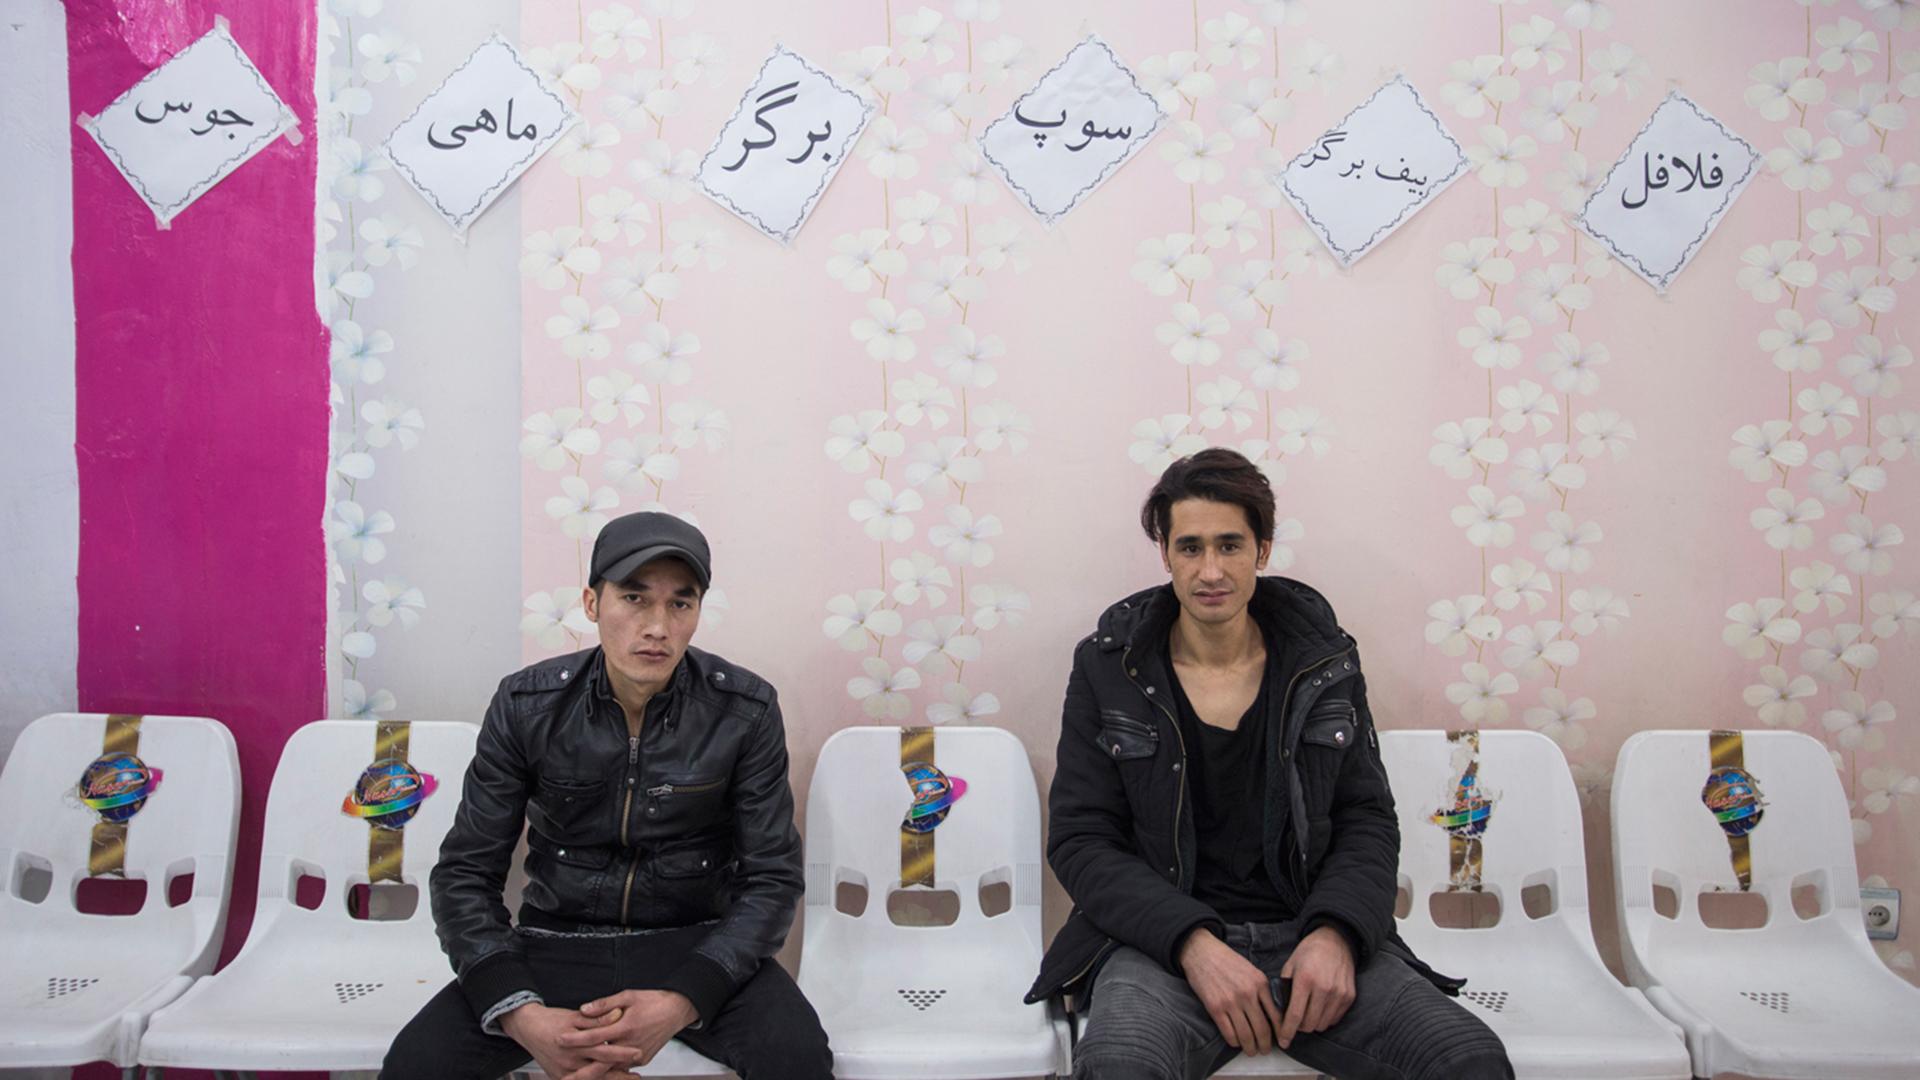 Ali Hosseini (l). und Alimadad Naseri (r.) in einem Café im Kabuler Westen, einem Tag nach ihrer Rückkehr nach Kabul. Sie beraten, was sie beide als nächstes tun sollen.